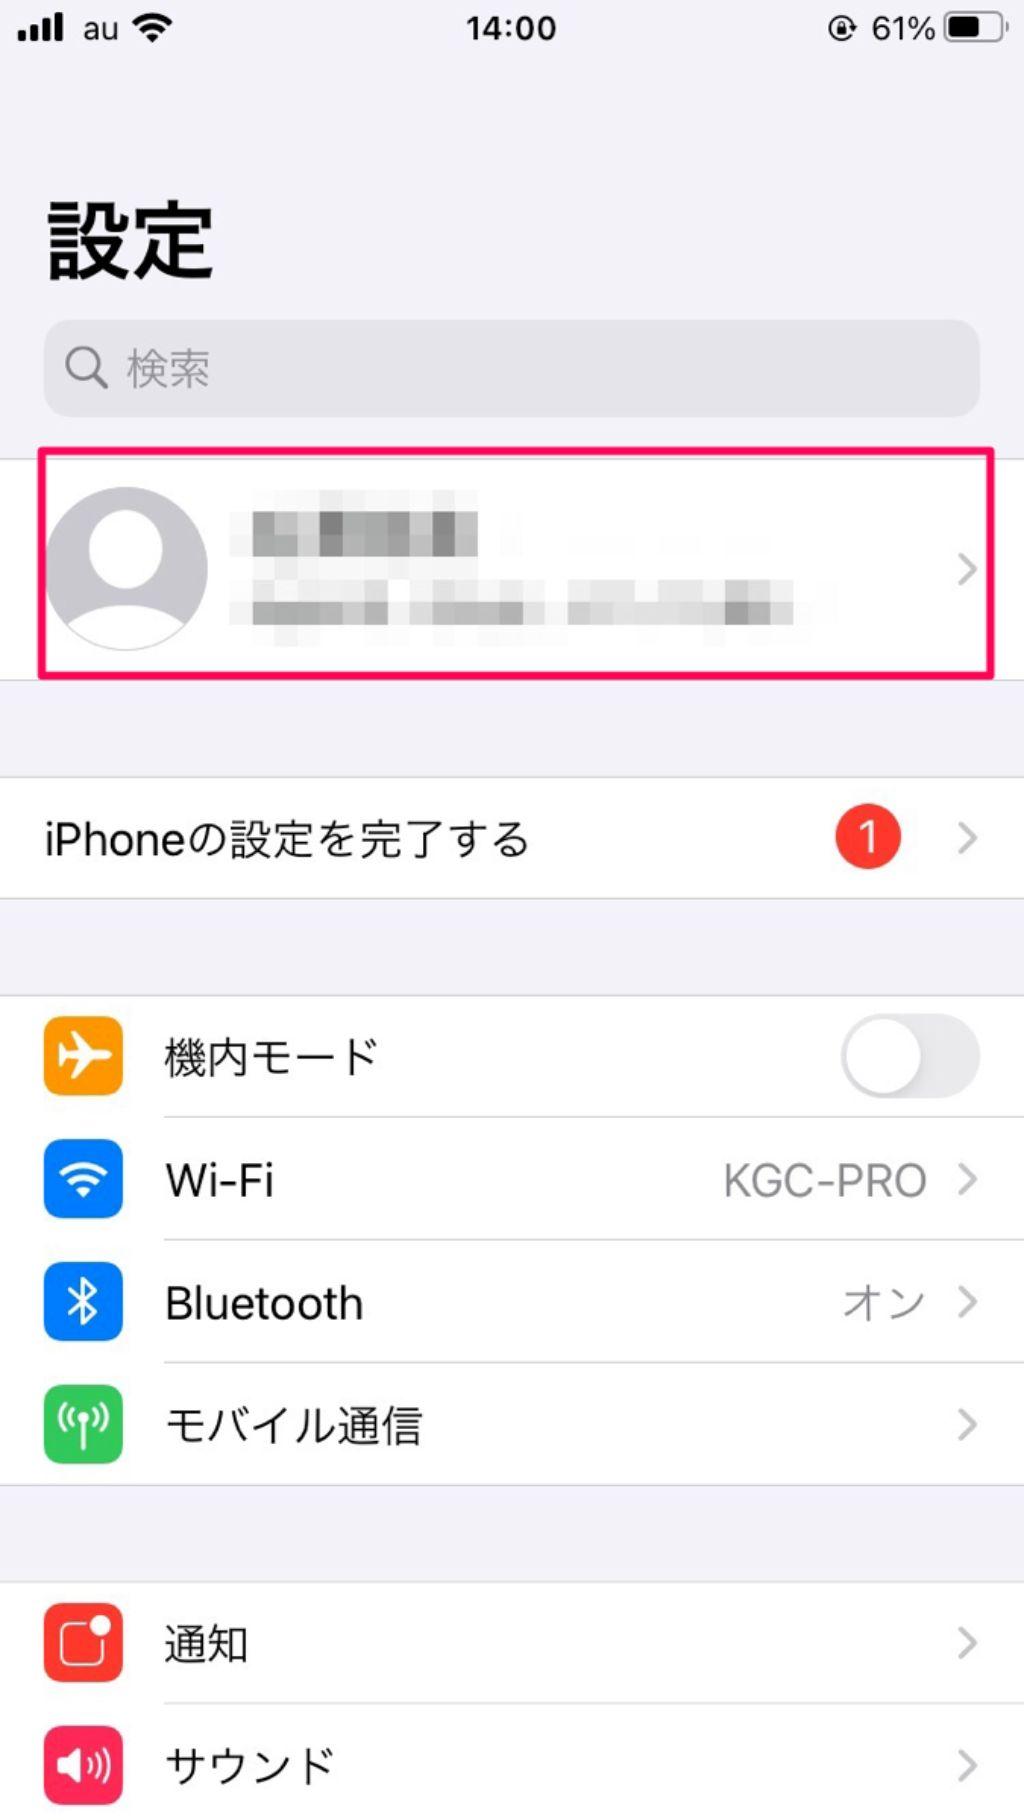 iPhoneバックアップ設定